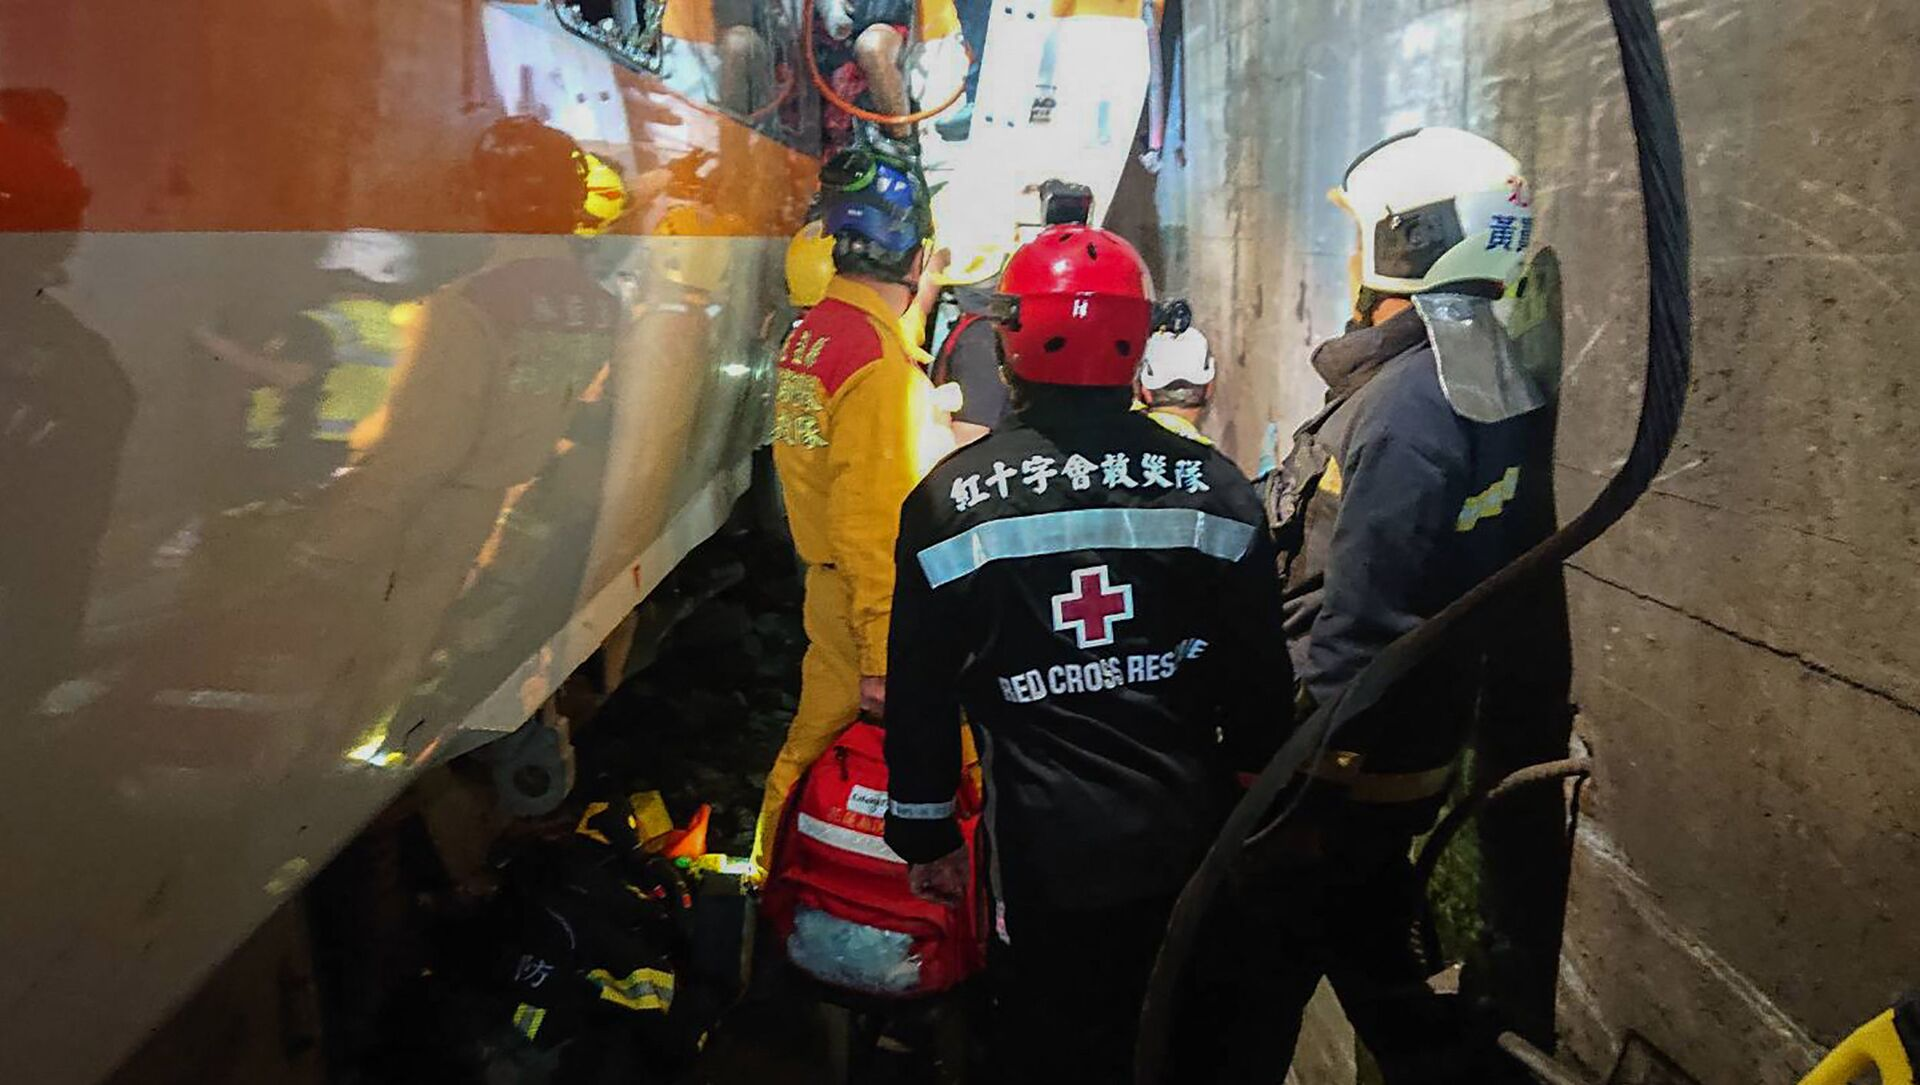 Taiwan, incidente ferroviario: evacuazione dei passeggeri - Sputnik Italia, 1920, 03.04.2021